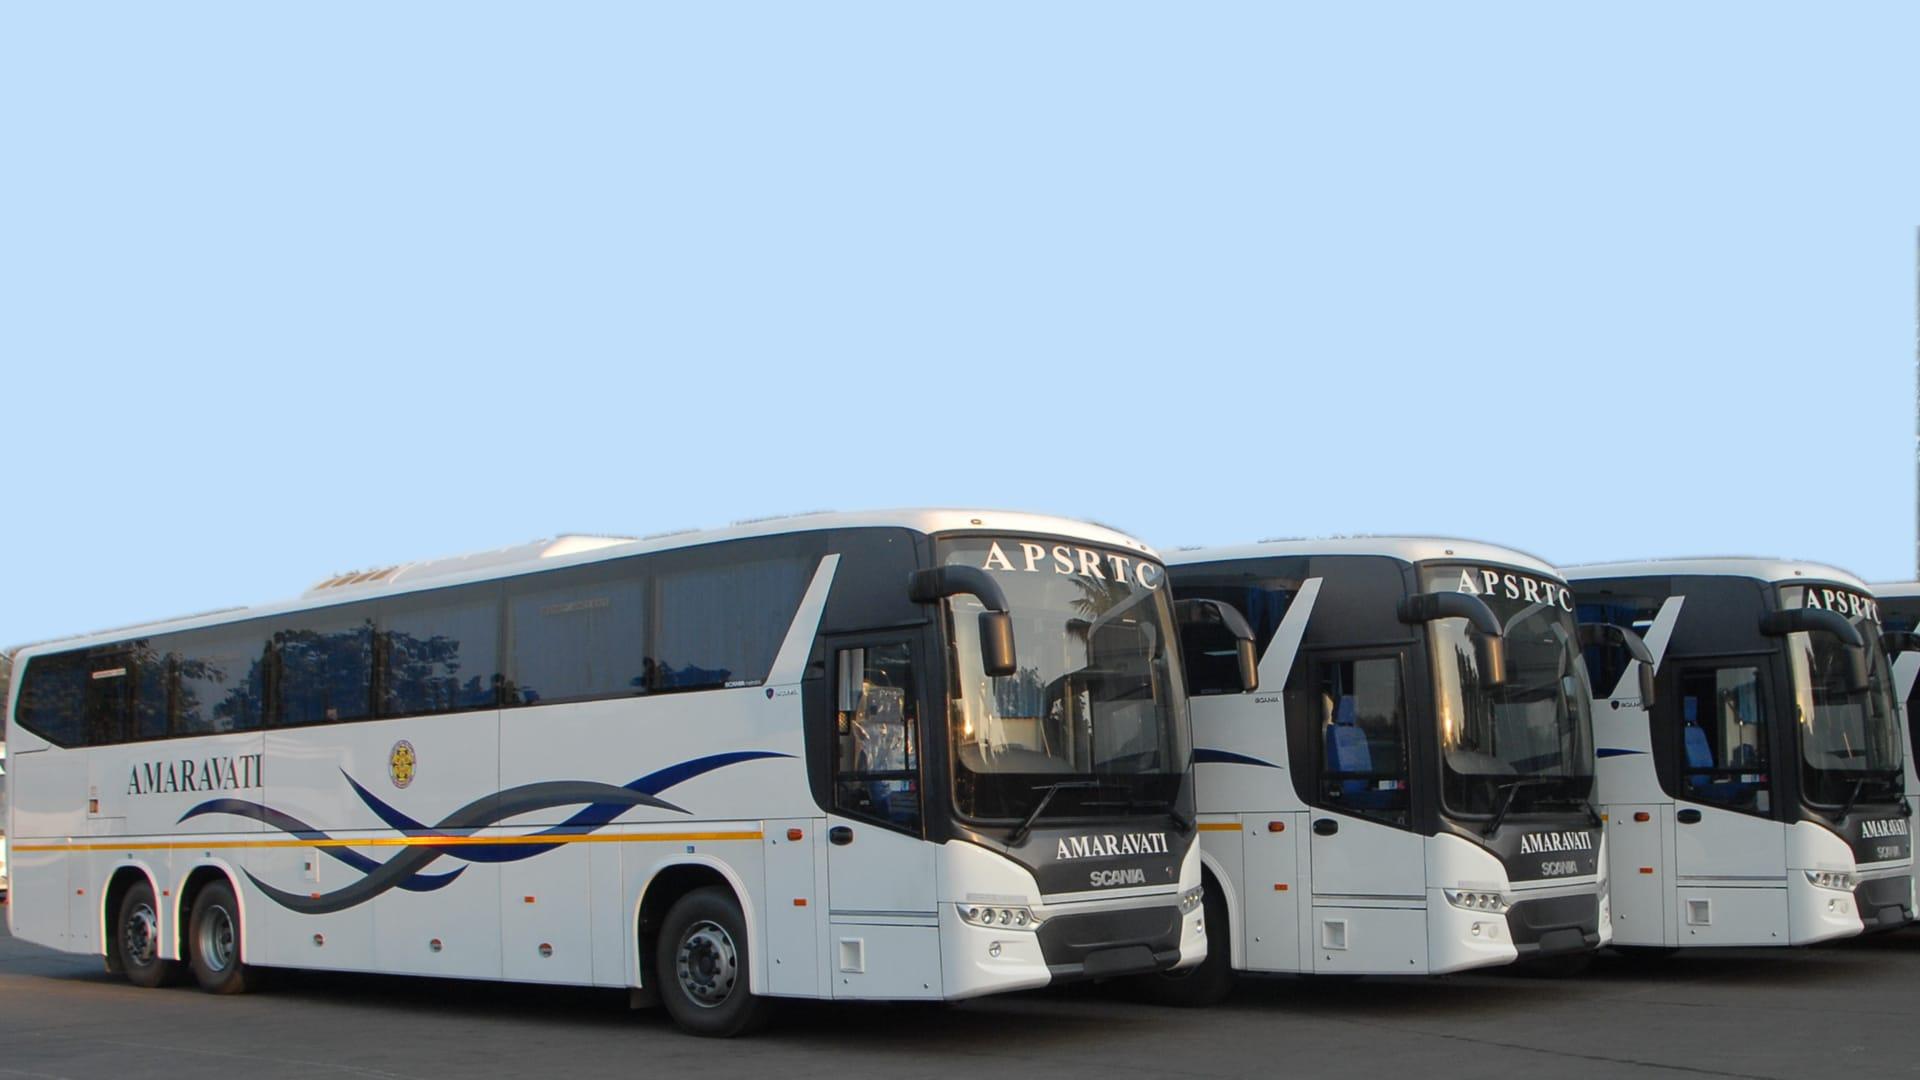 మొత్తం 3607 బస్సుల్లో 433 బస్సులు బెంగళూరుకి, 133 చెన్నైకి, 201 బస్సులు ఏపీలోని వివిధ ప్రాంతాల నుంచి విజయవాడకు, 551 బస్సులు విశాఖపట్నం, 1038 బస్సులు జిల్లాల్లో నడపనున్నారు.